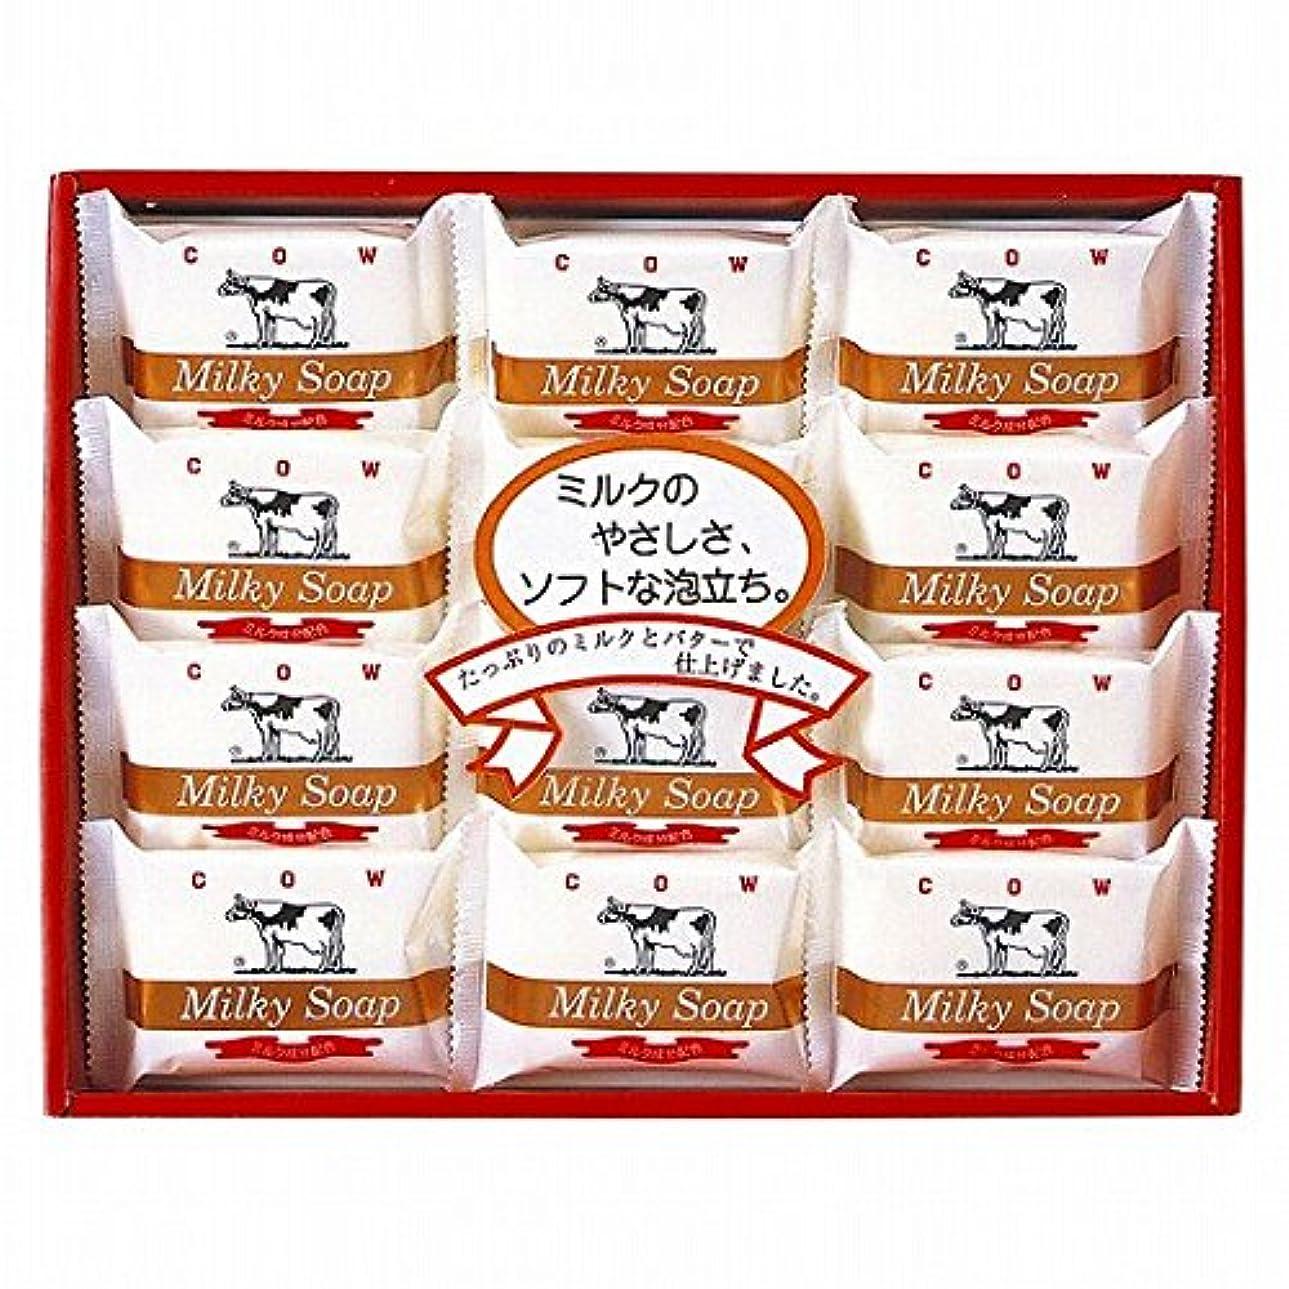 差し控える急速な悲しいnobrand 牛乳石鹸 ゴールドソープセット (21940005)